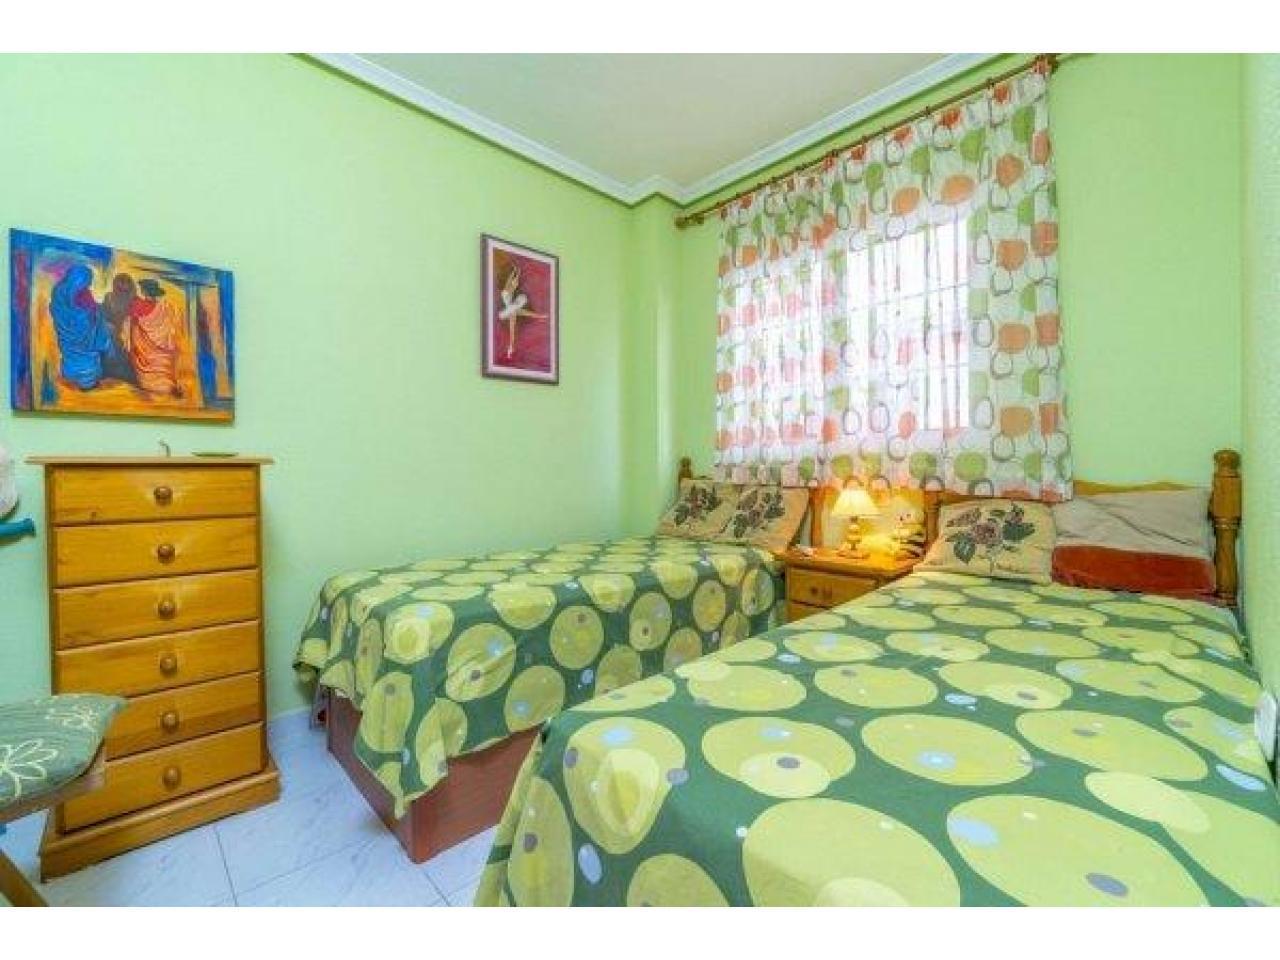 Недвижимость в Испании, Квартира рядом с пляжем в Ла Мата,Торревьеха,Коста Бланка,Испания - 5